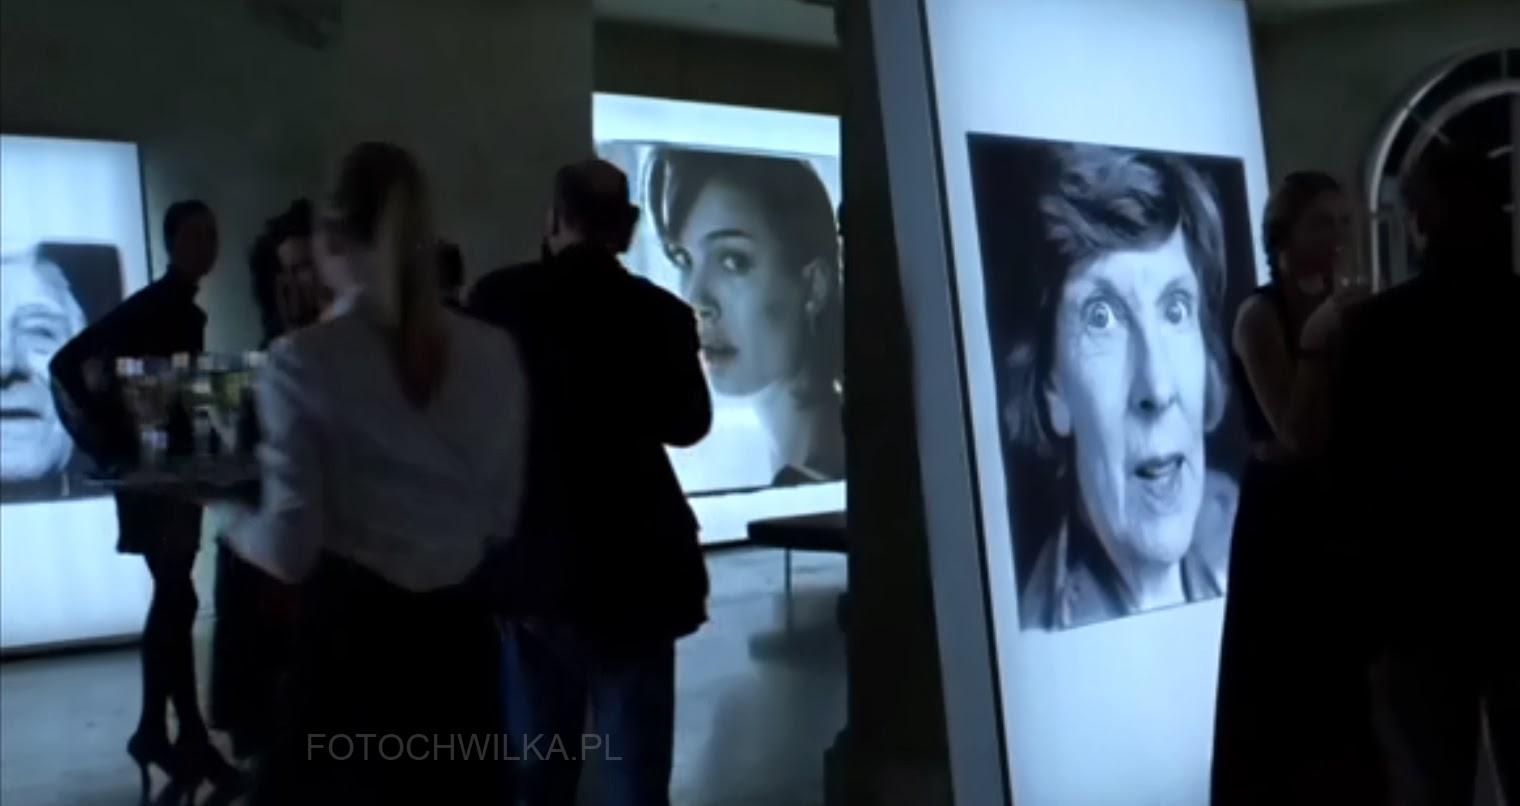 """Scena z filmu """"Bliżej"""" (Closer) - wystawa fotografii Ludzi Nieznanych Julii Roberts"""